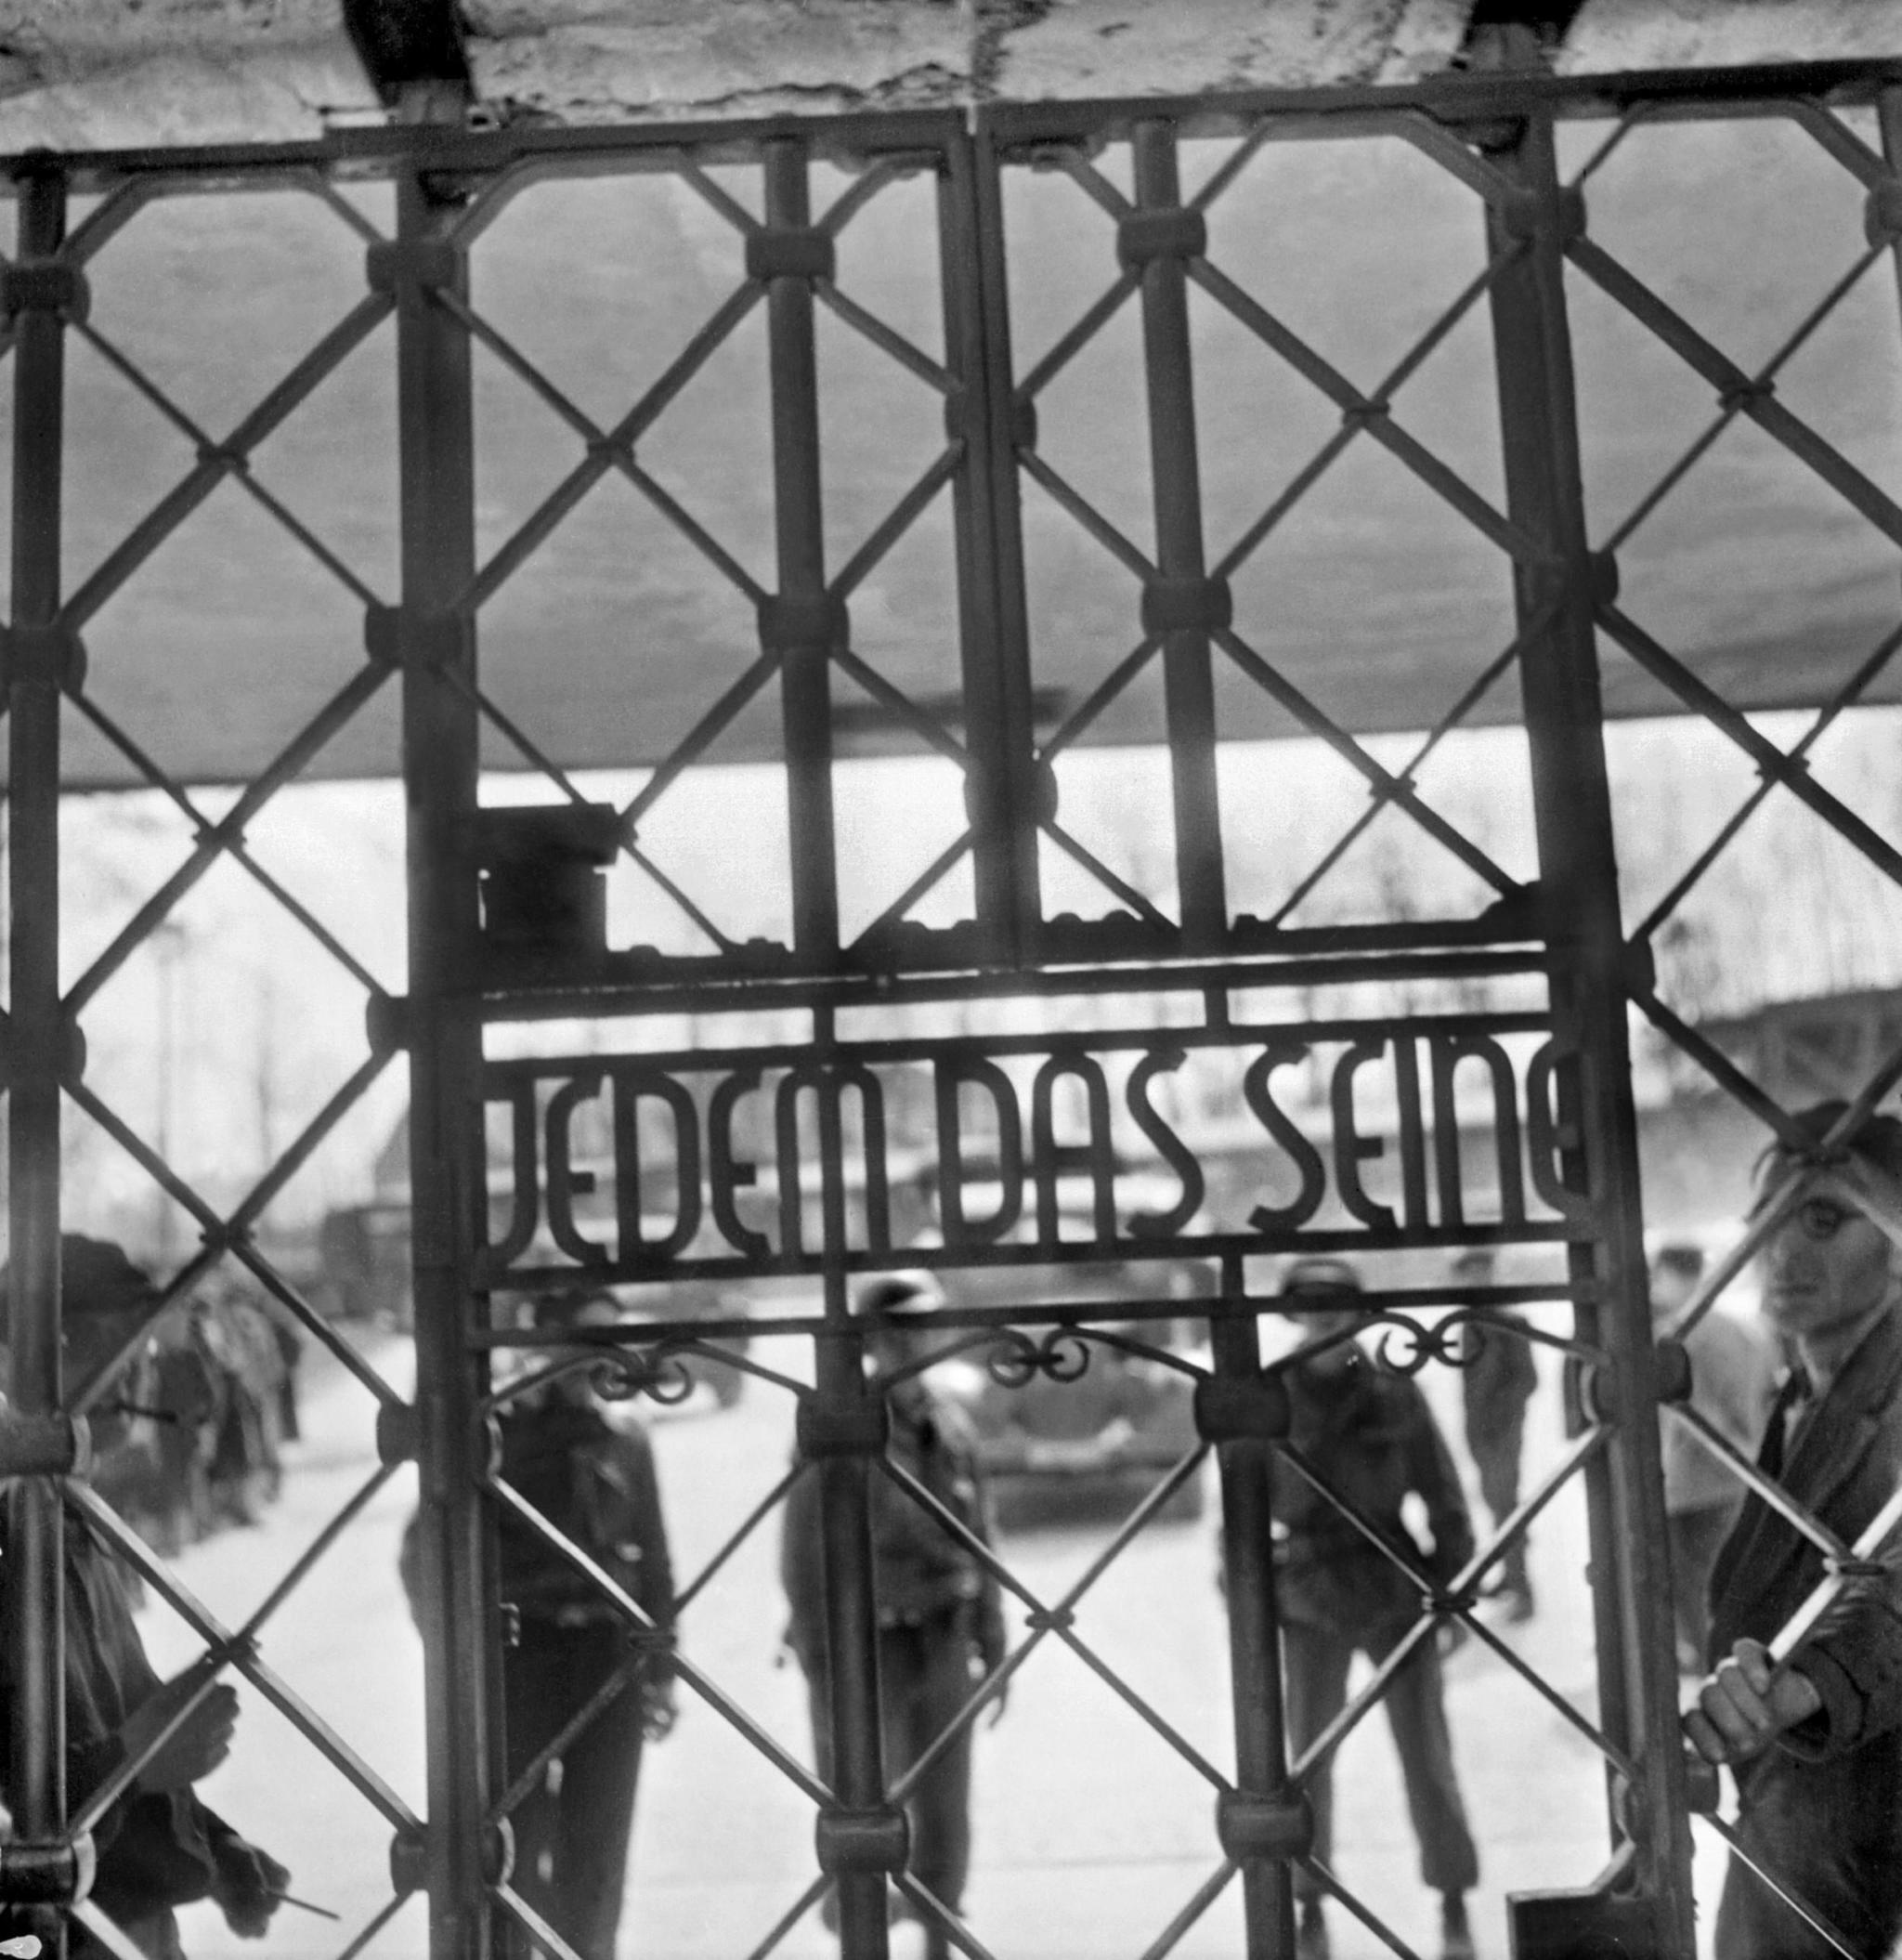 Os portões do campo de concentração de Buchenwald